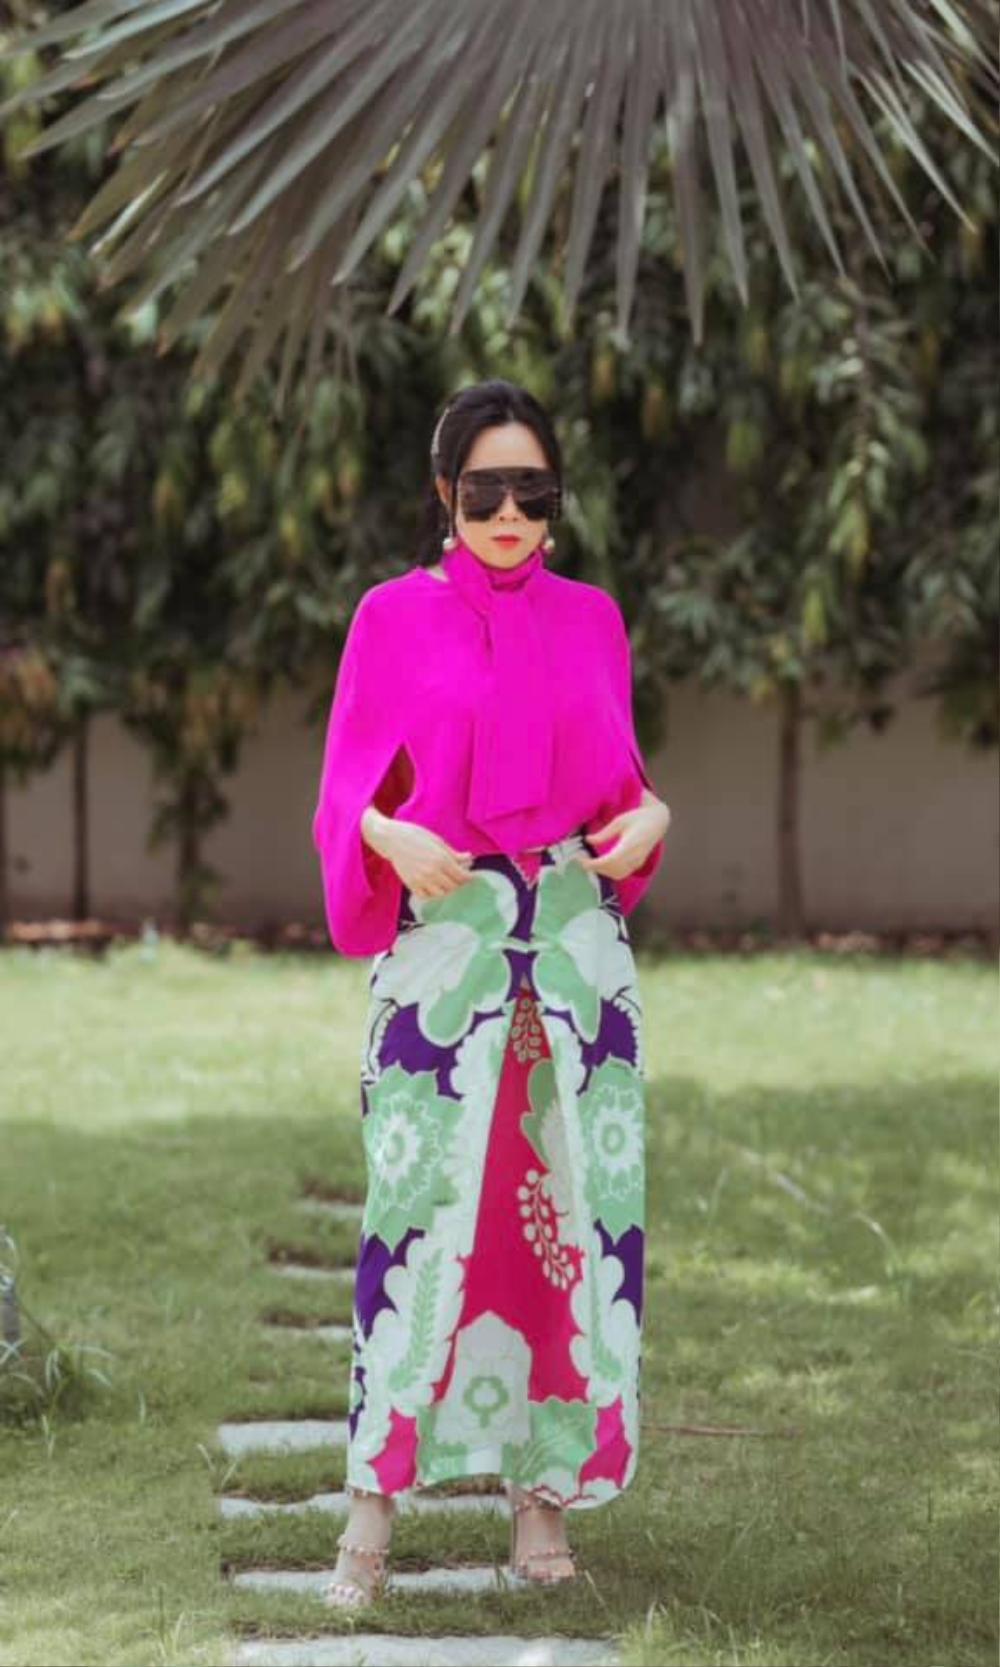 Phượng Chanel diện set đồ chói mắt cùng chiếc kính mát 'khổng lồ' đi dạo phố Ảnh 1